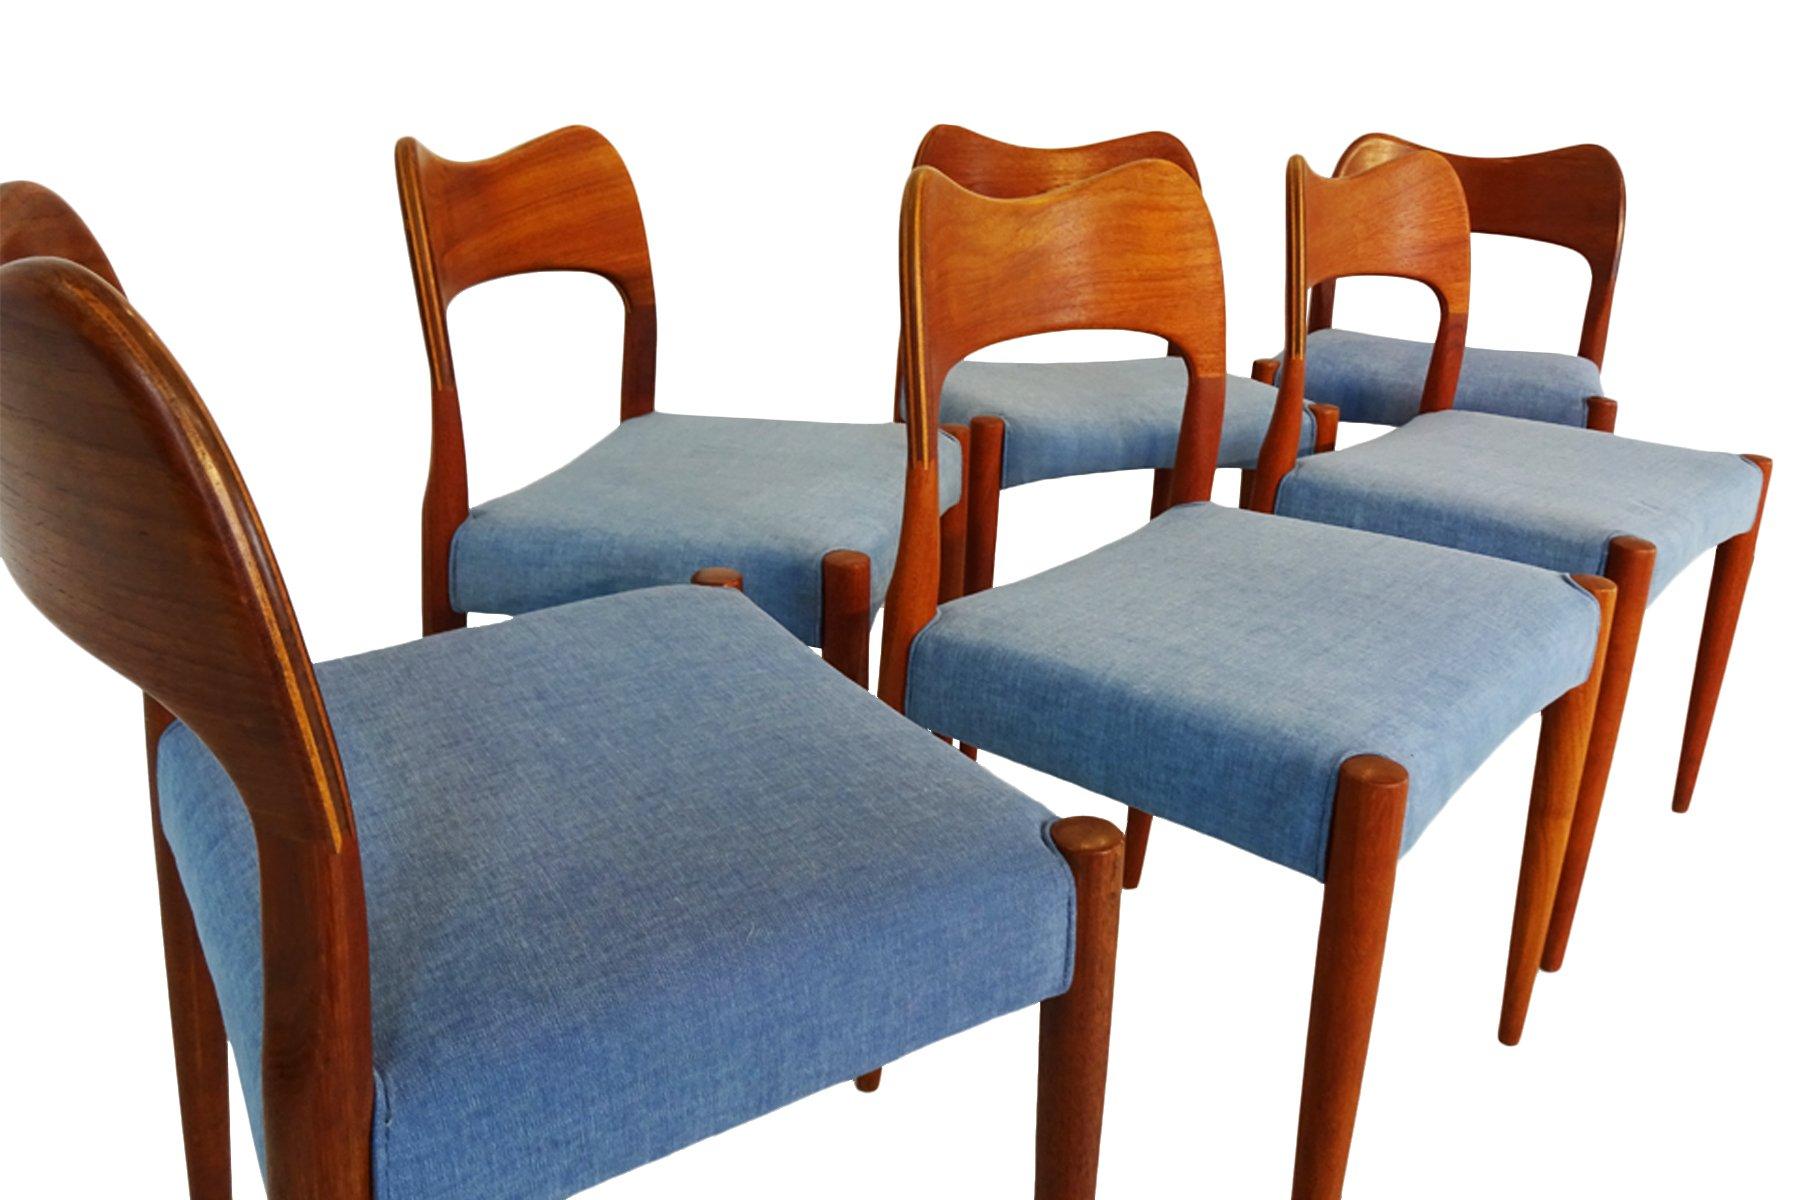 Set da pranzo MidCentury in teak di Arne Hovmand Olsen per Mogens Kold in vendita su Pamono